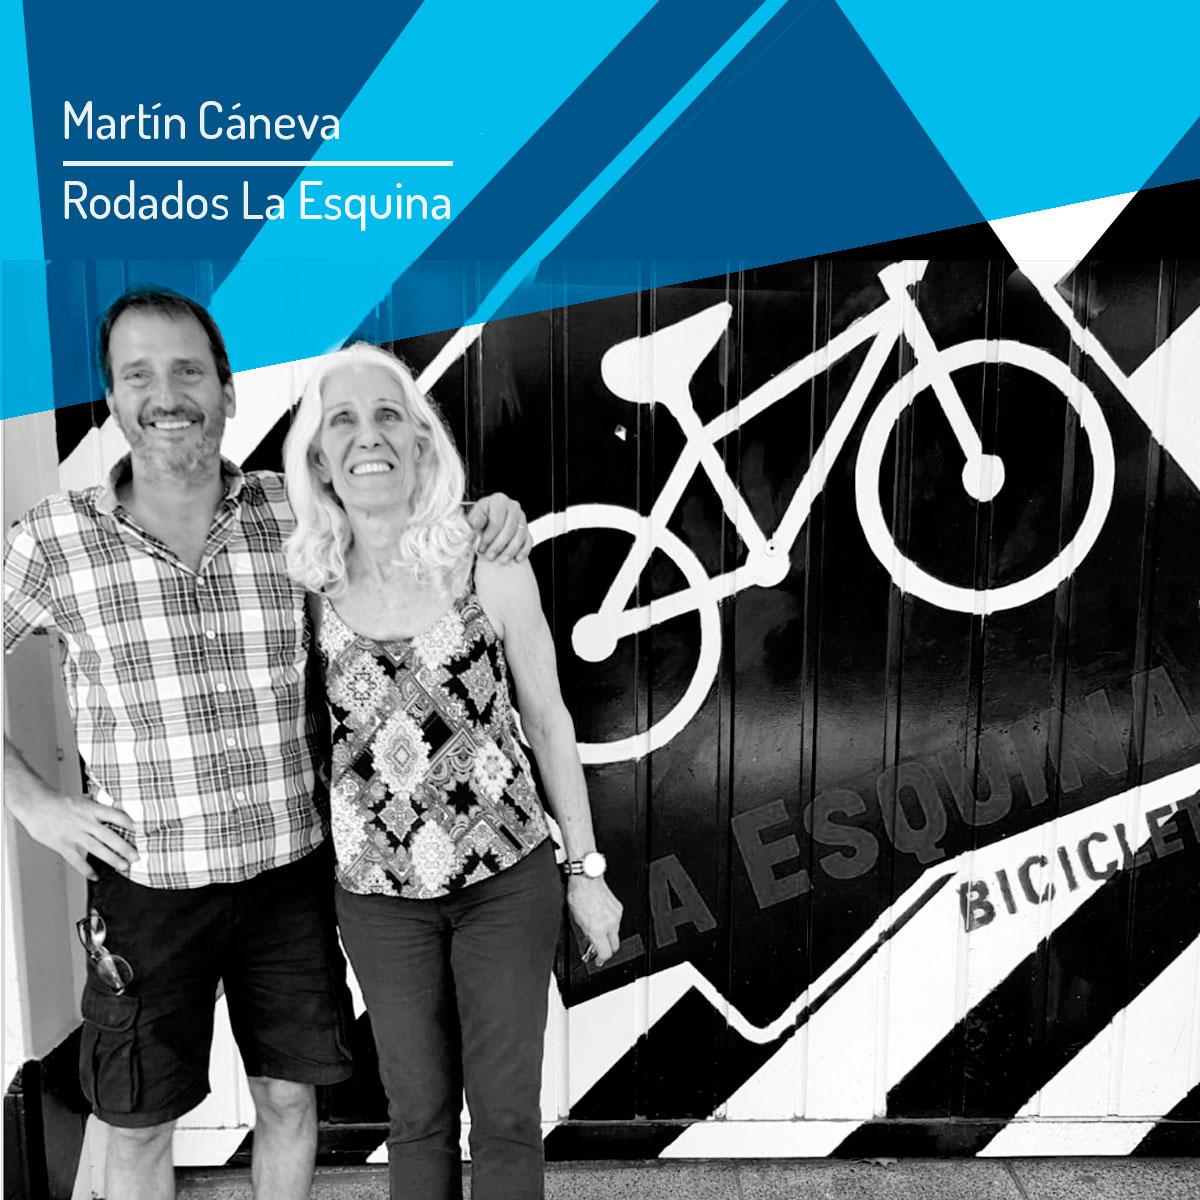 Bicicletería – Rodados La Esquina